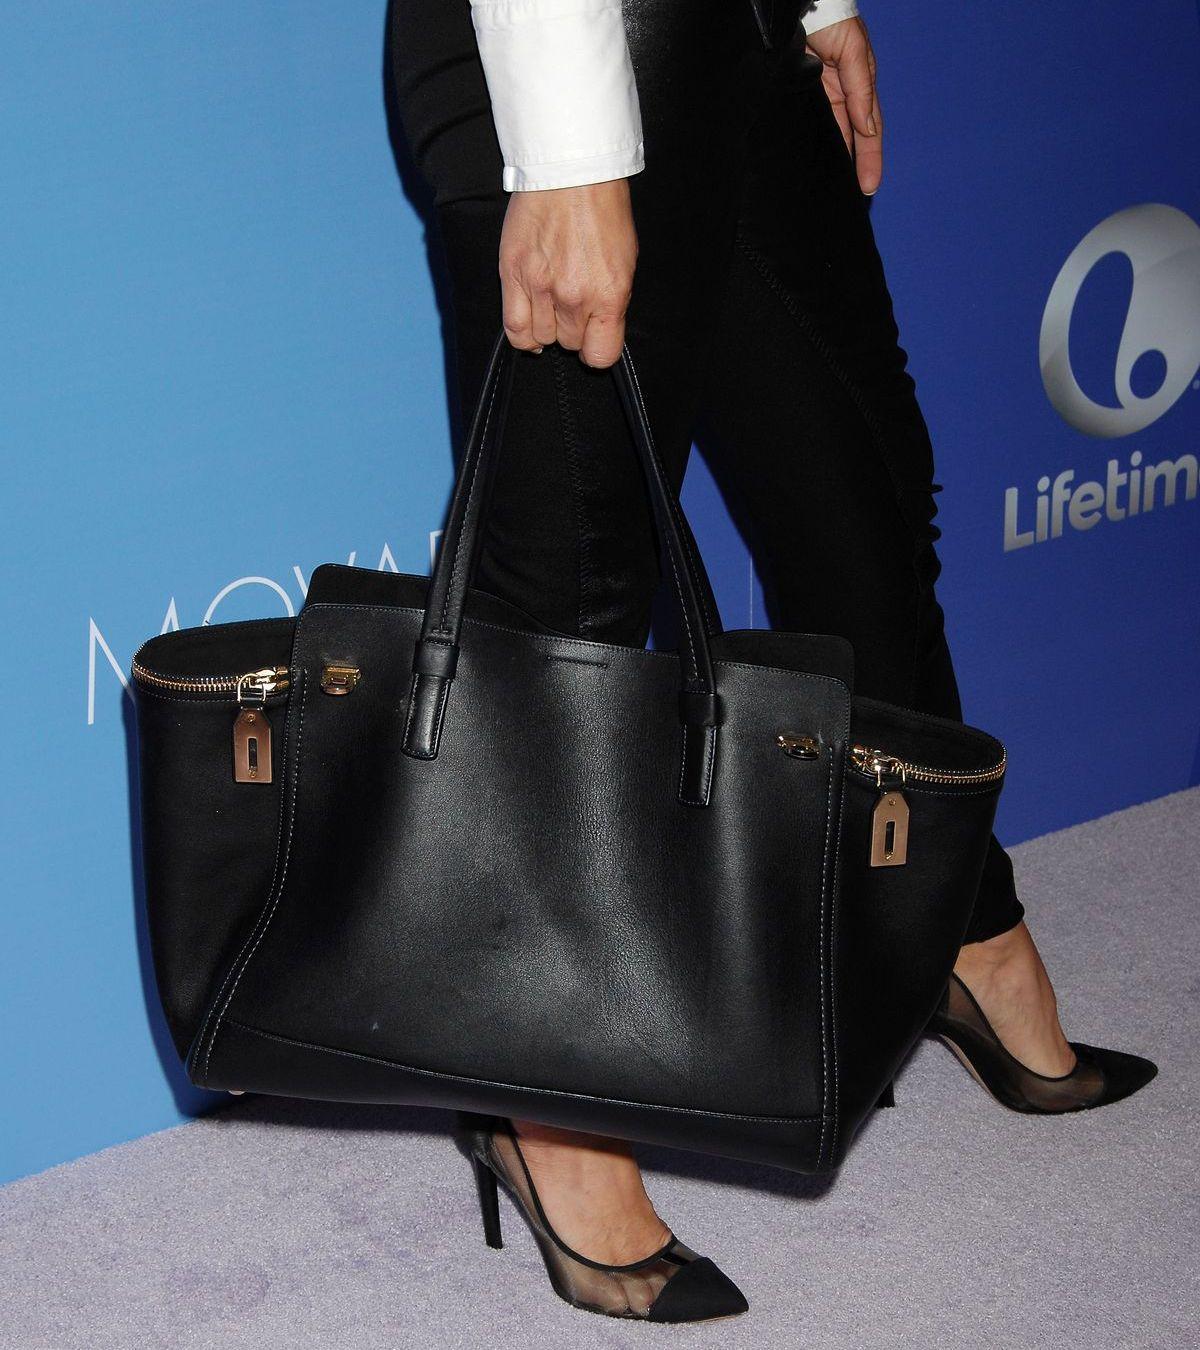 Exklusive Designerhandtaschen sind auch als pre-loved Objekte gefragt (ddp images).